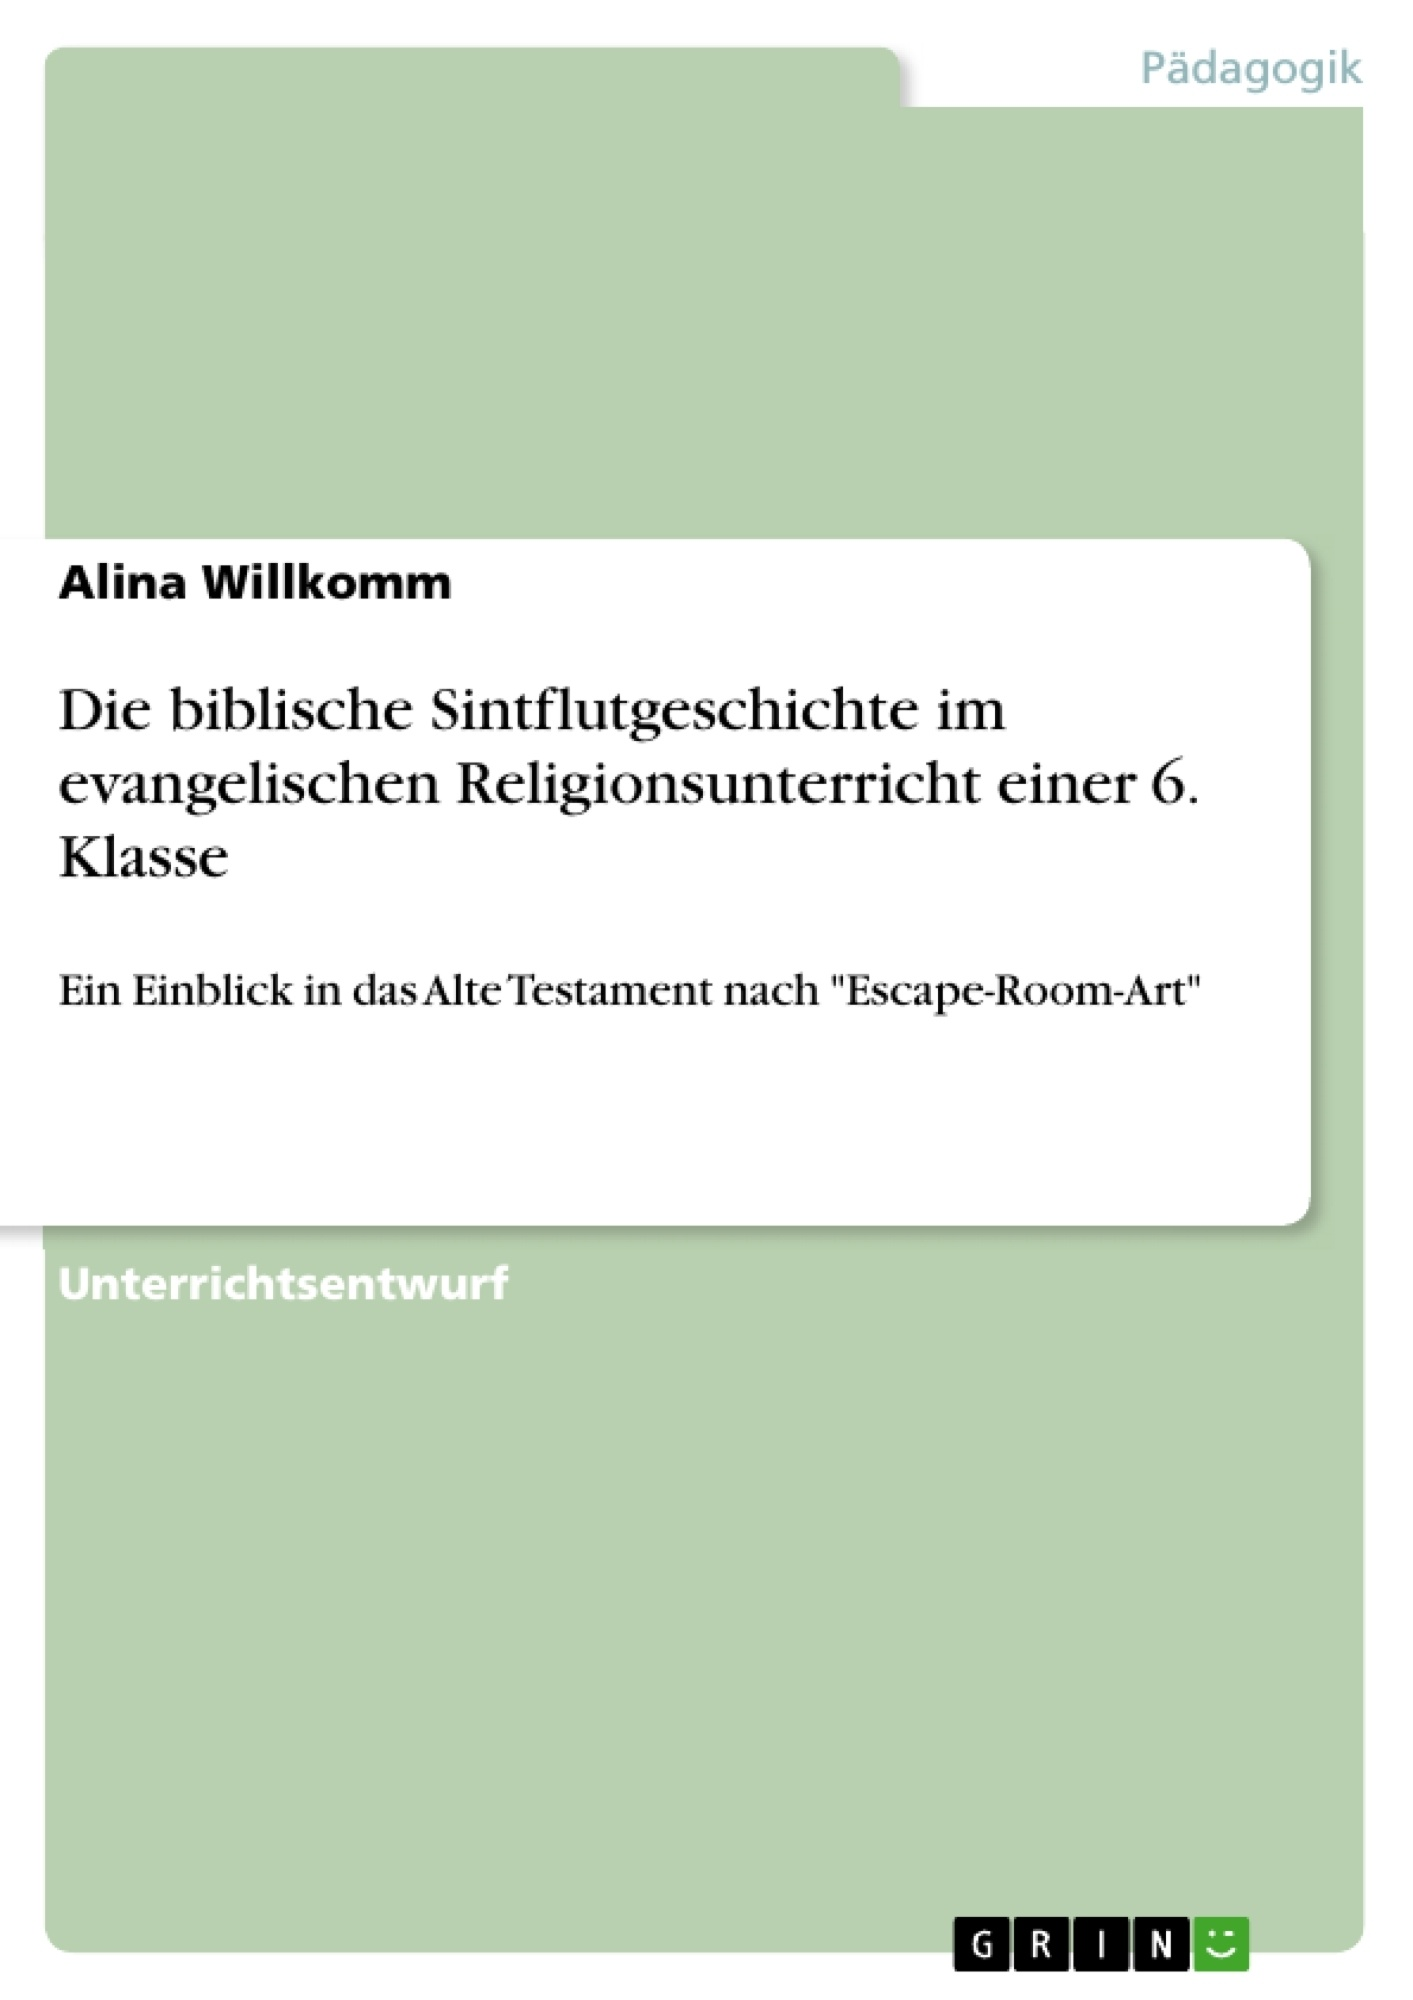 Titel: Die biblische Sintflutgeschichte im evangelischen Religionsunterricht einer 6. Klasse